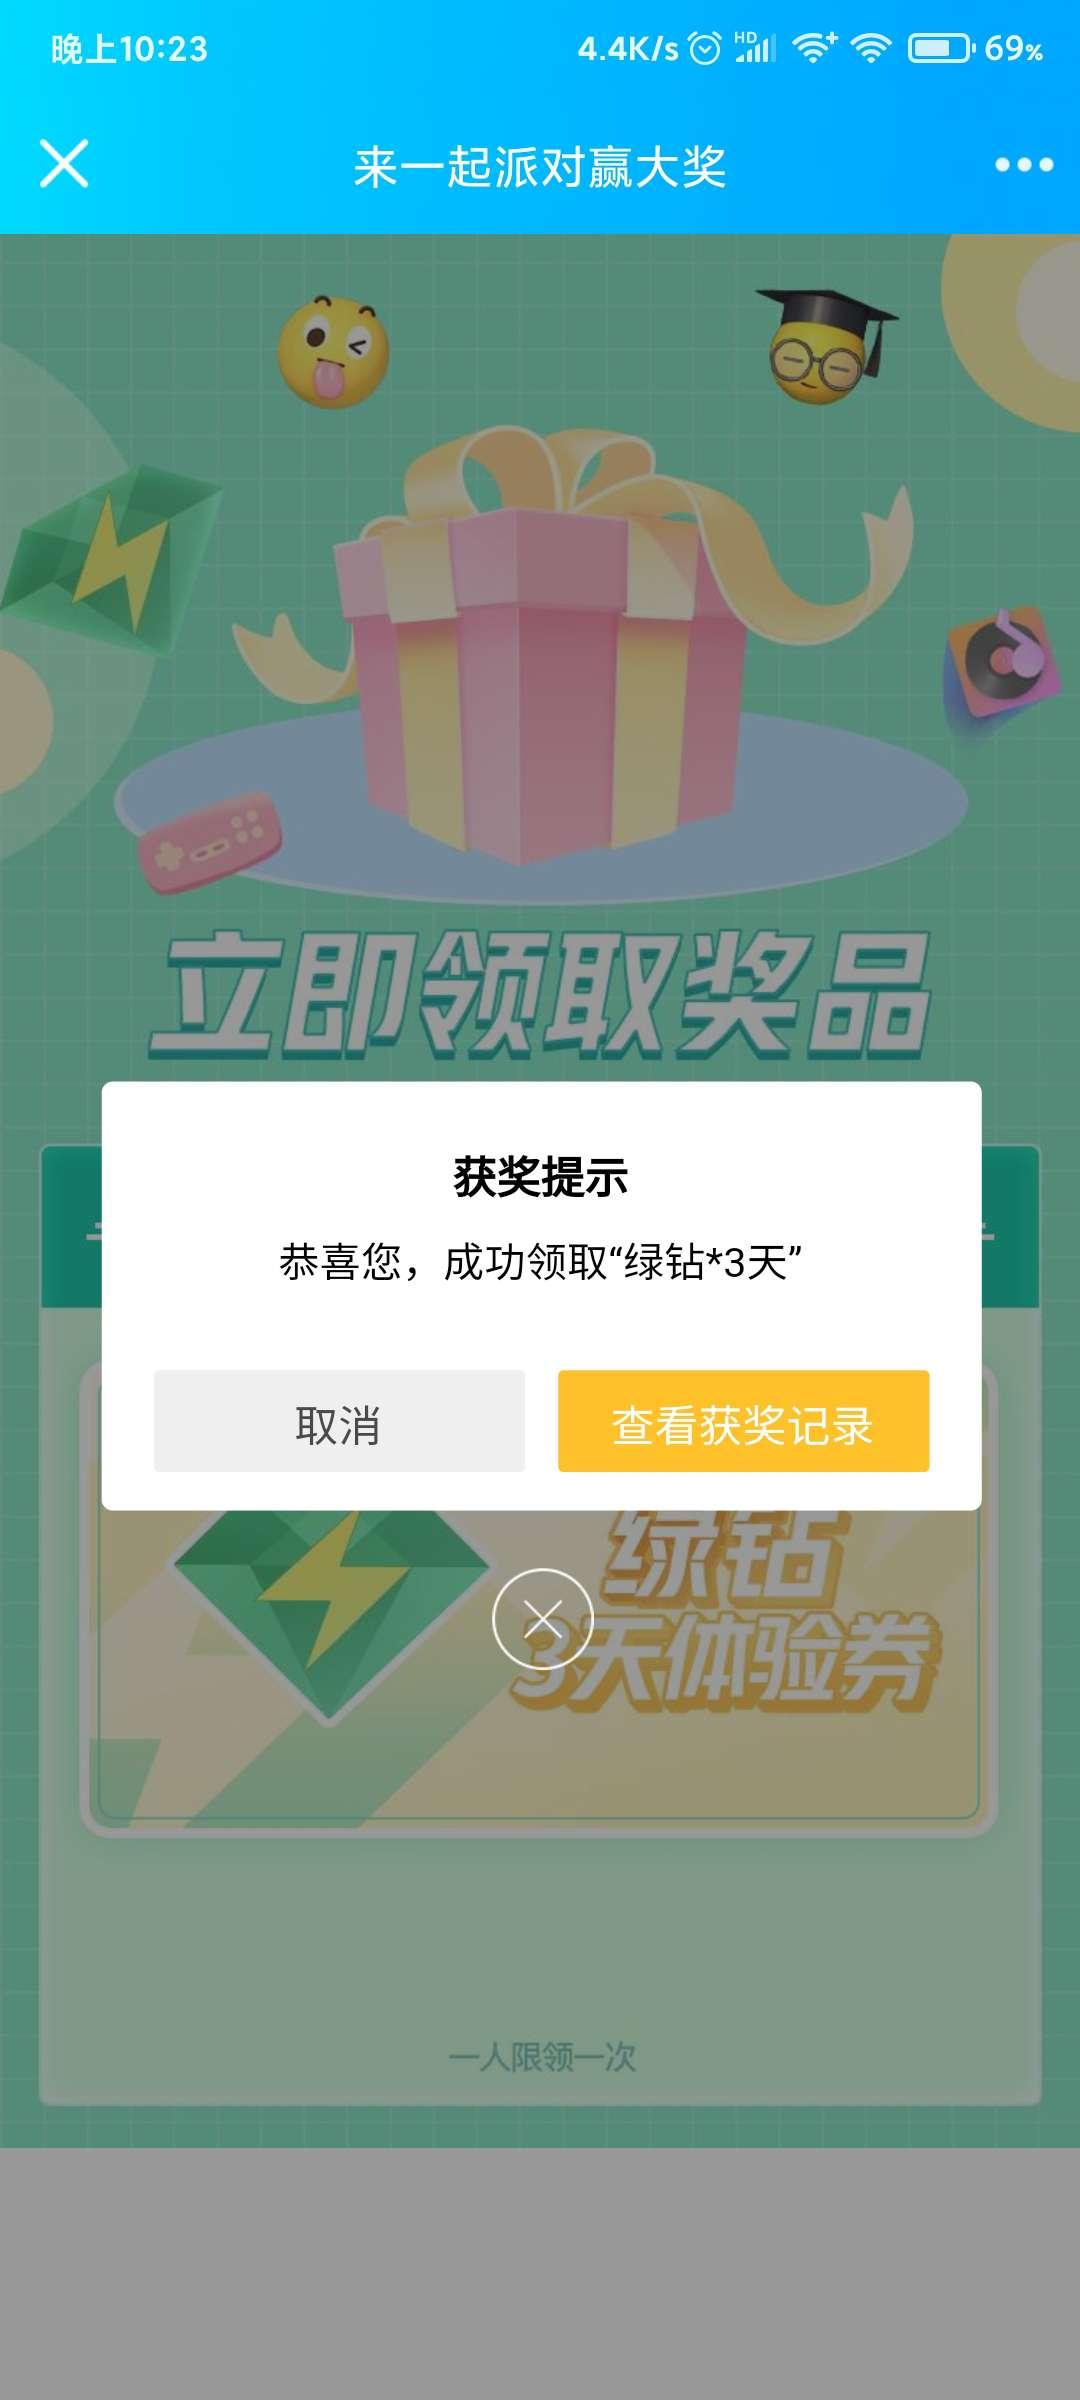 QQ玩游戏领3天绿钻